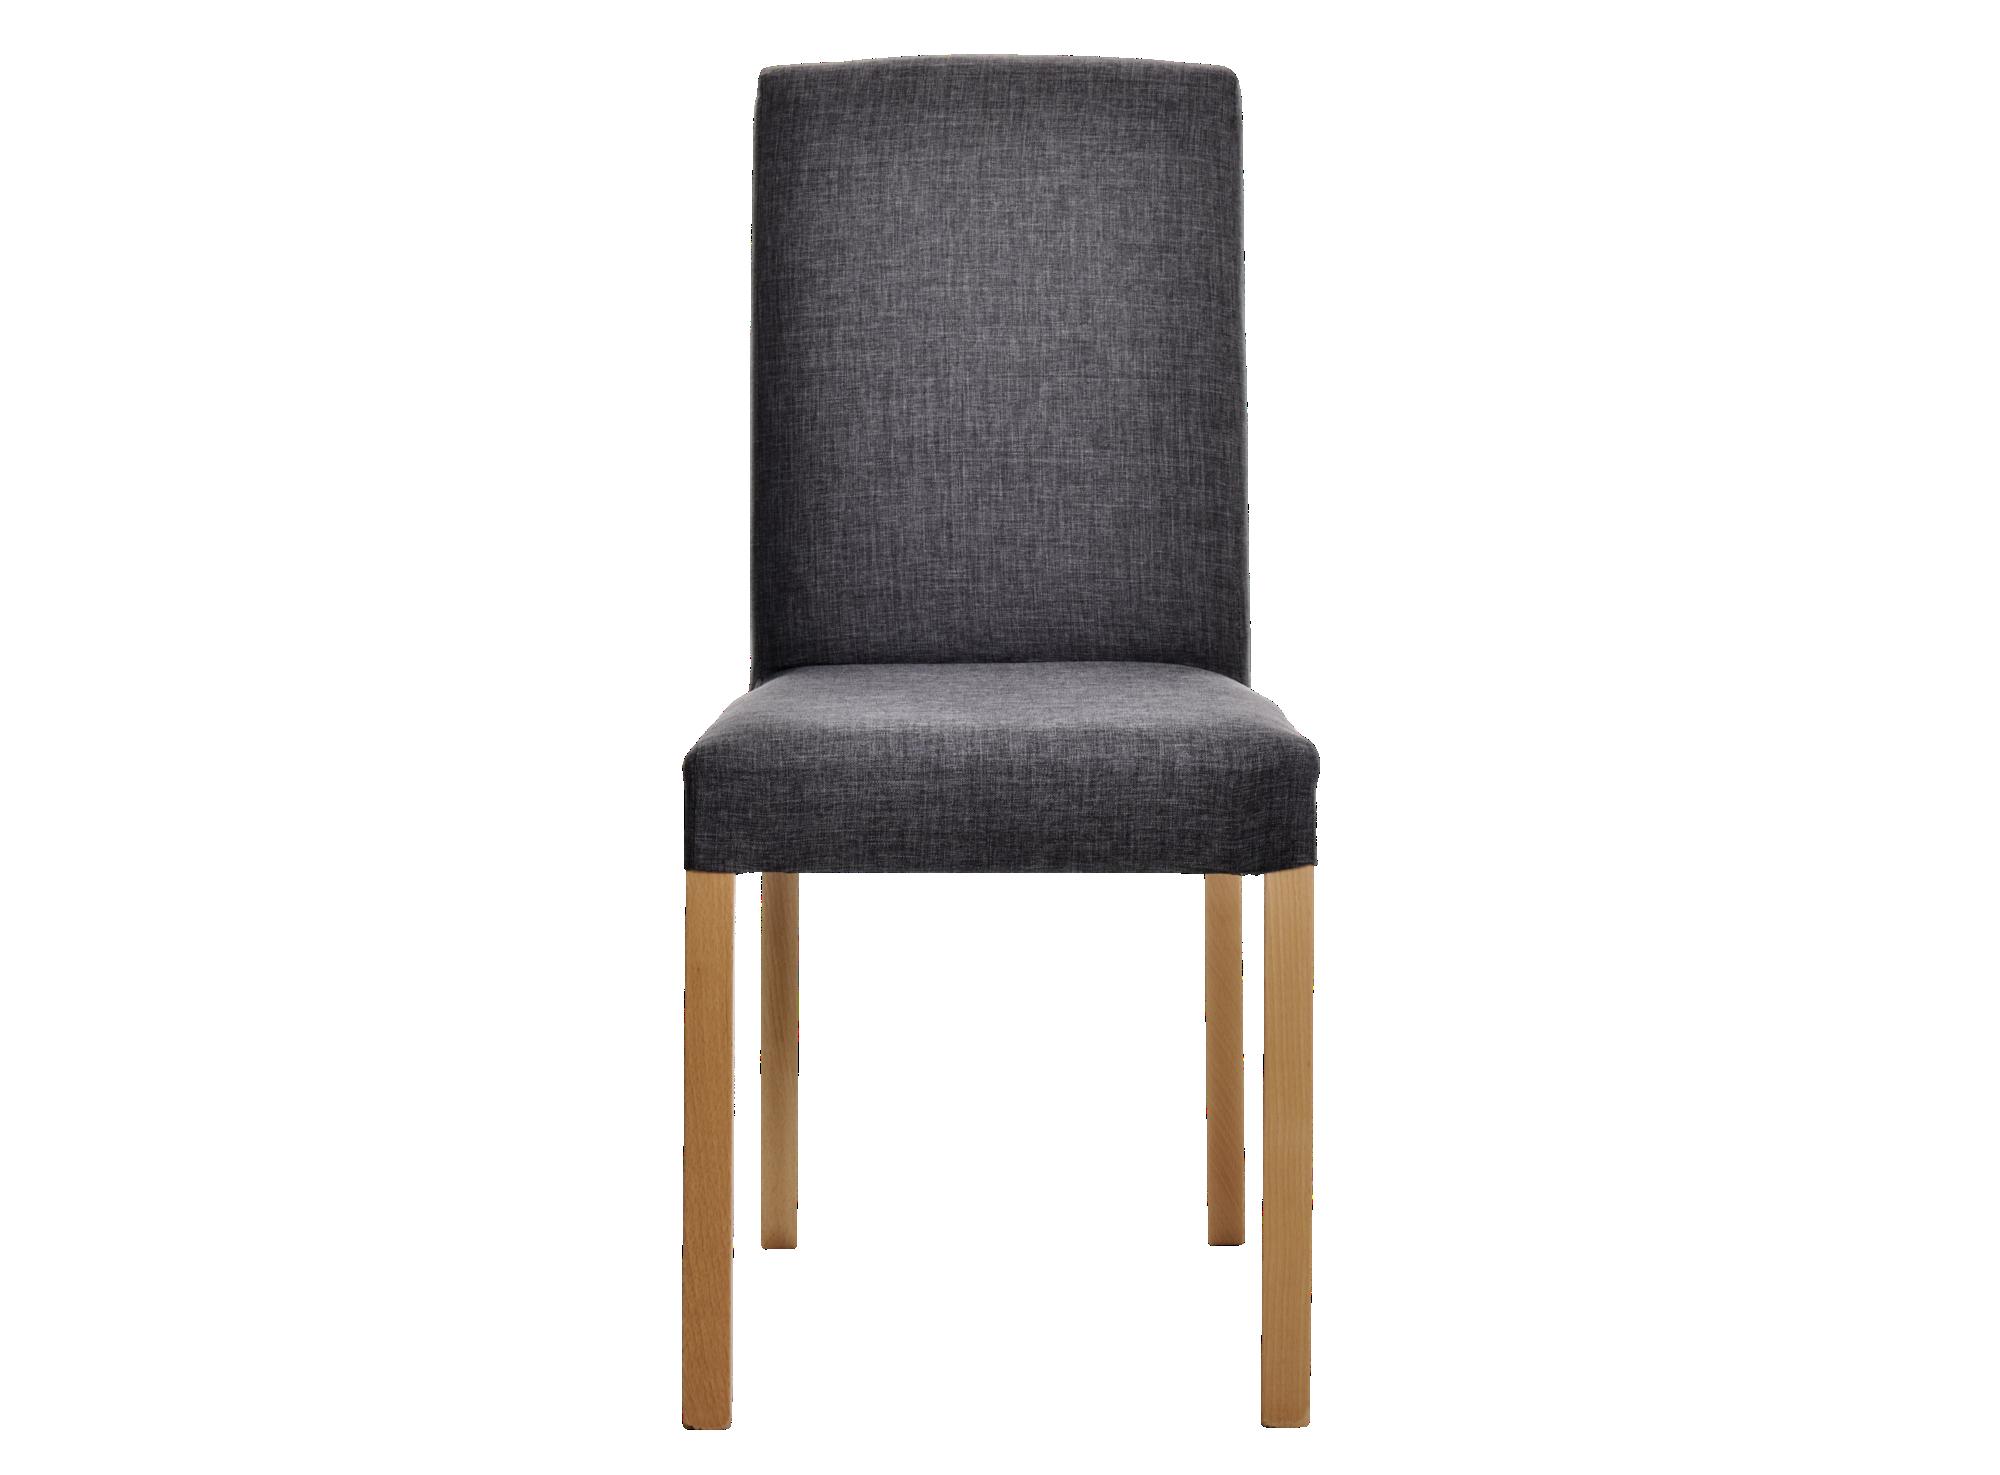 Chaise linda structure d'assise et pietement en hetre massif laque fi ...